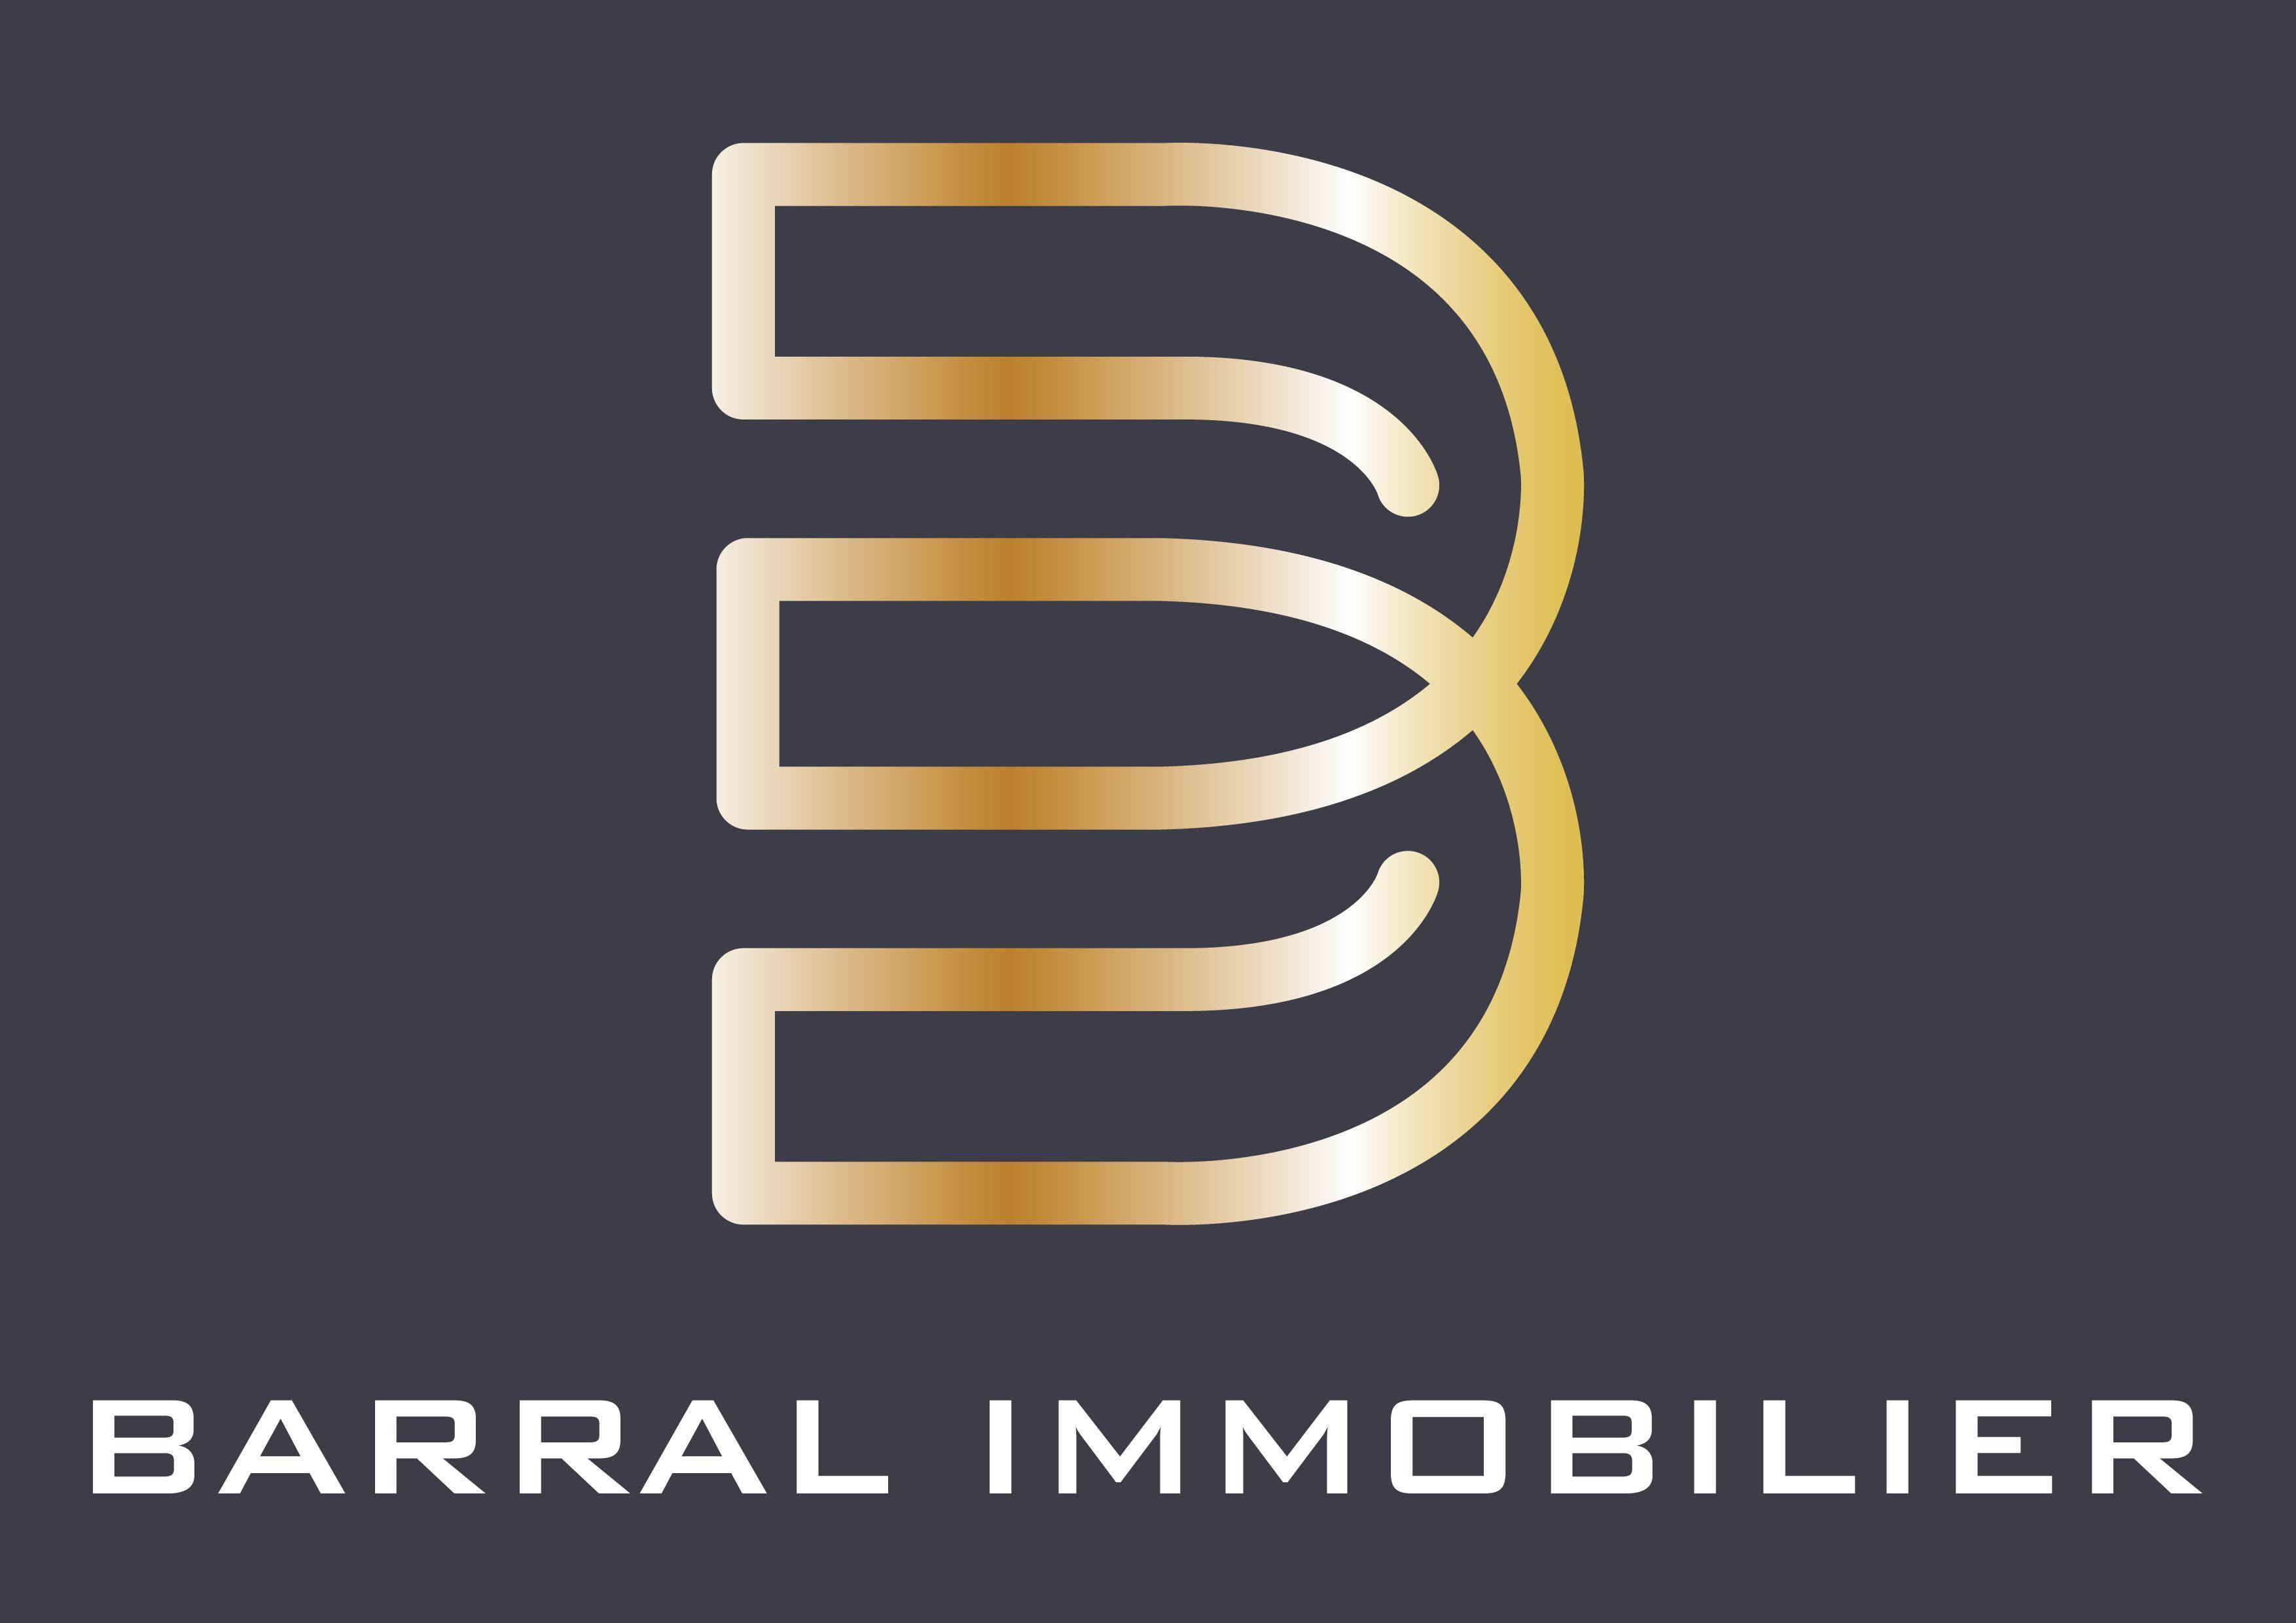 BARRAL IMMOBILIER agence immobilière à Marseille 13006